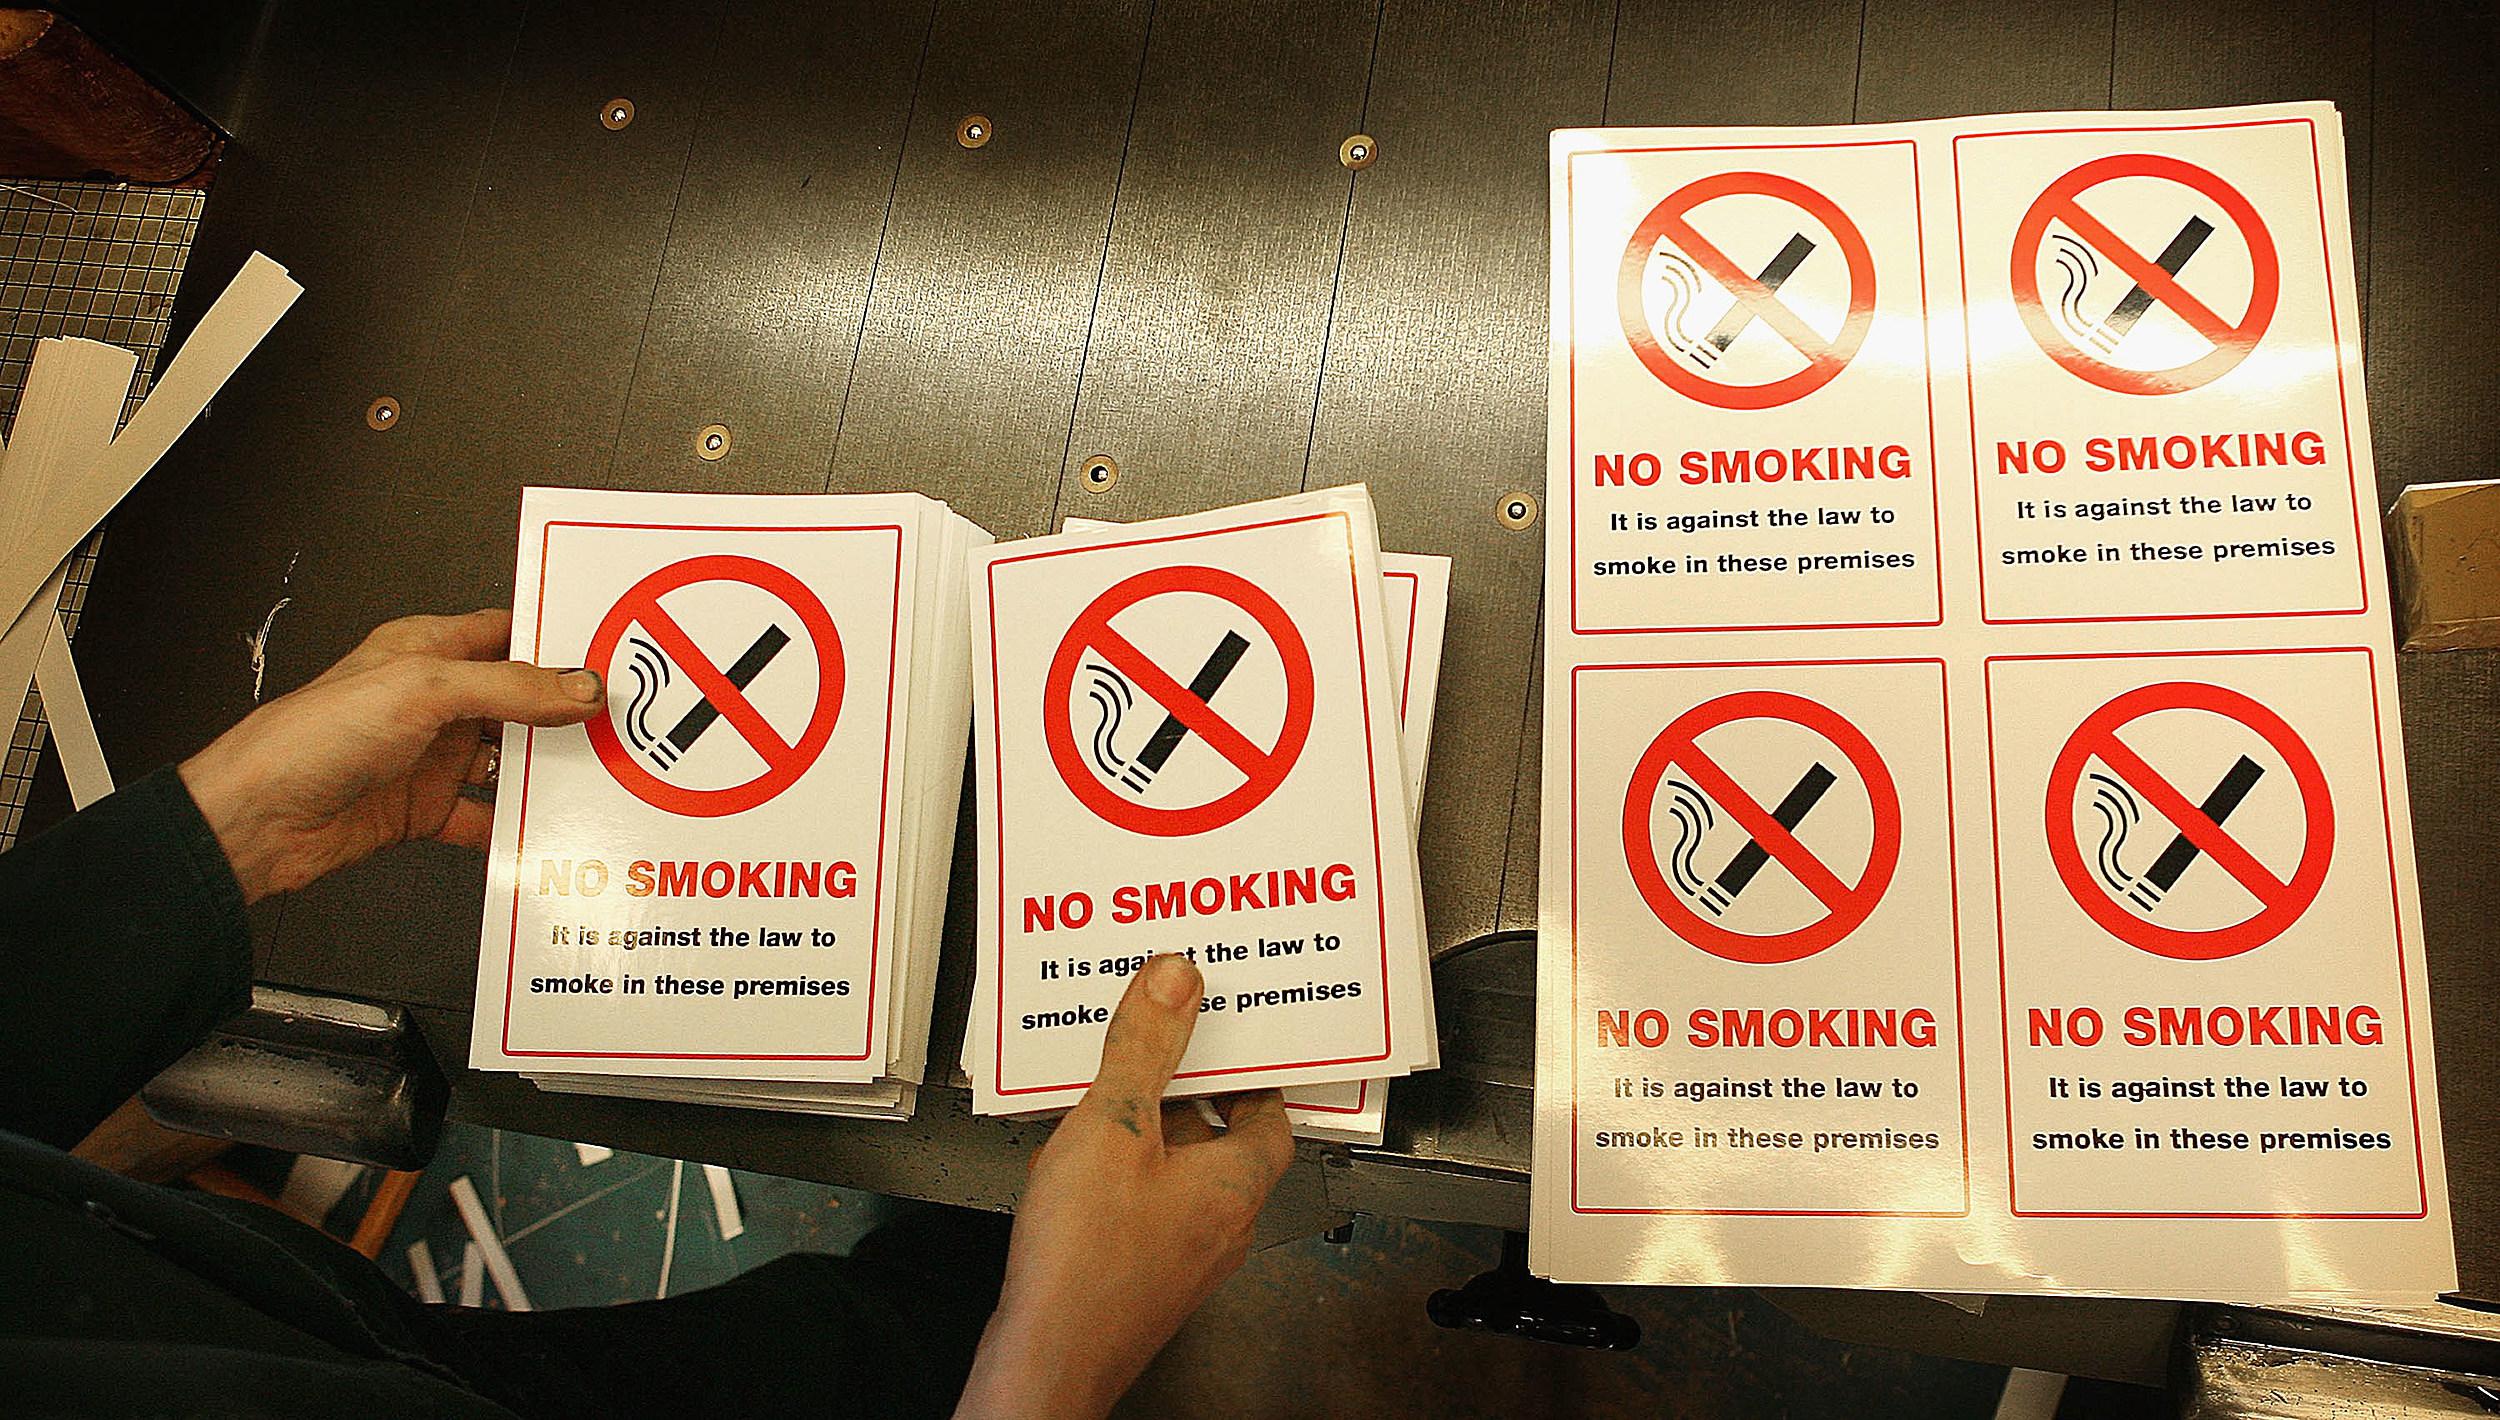 No smoking casino seneca niagara casino seating